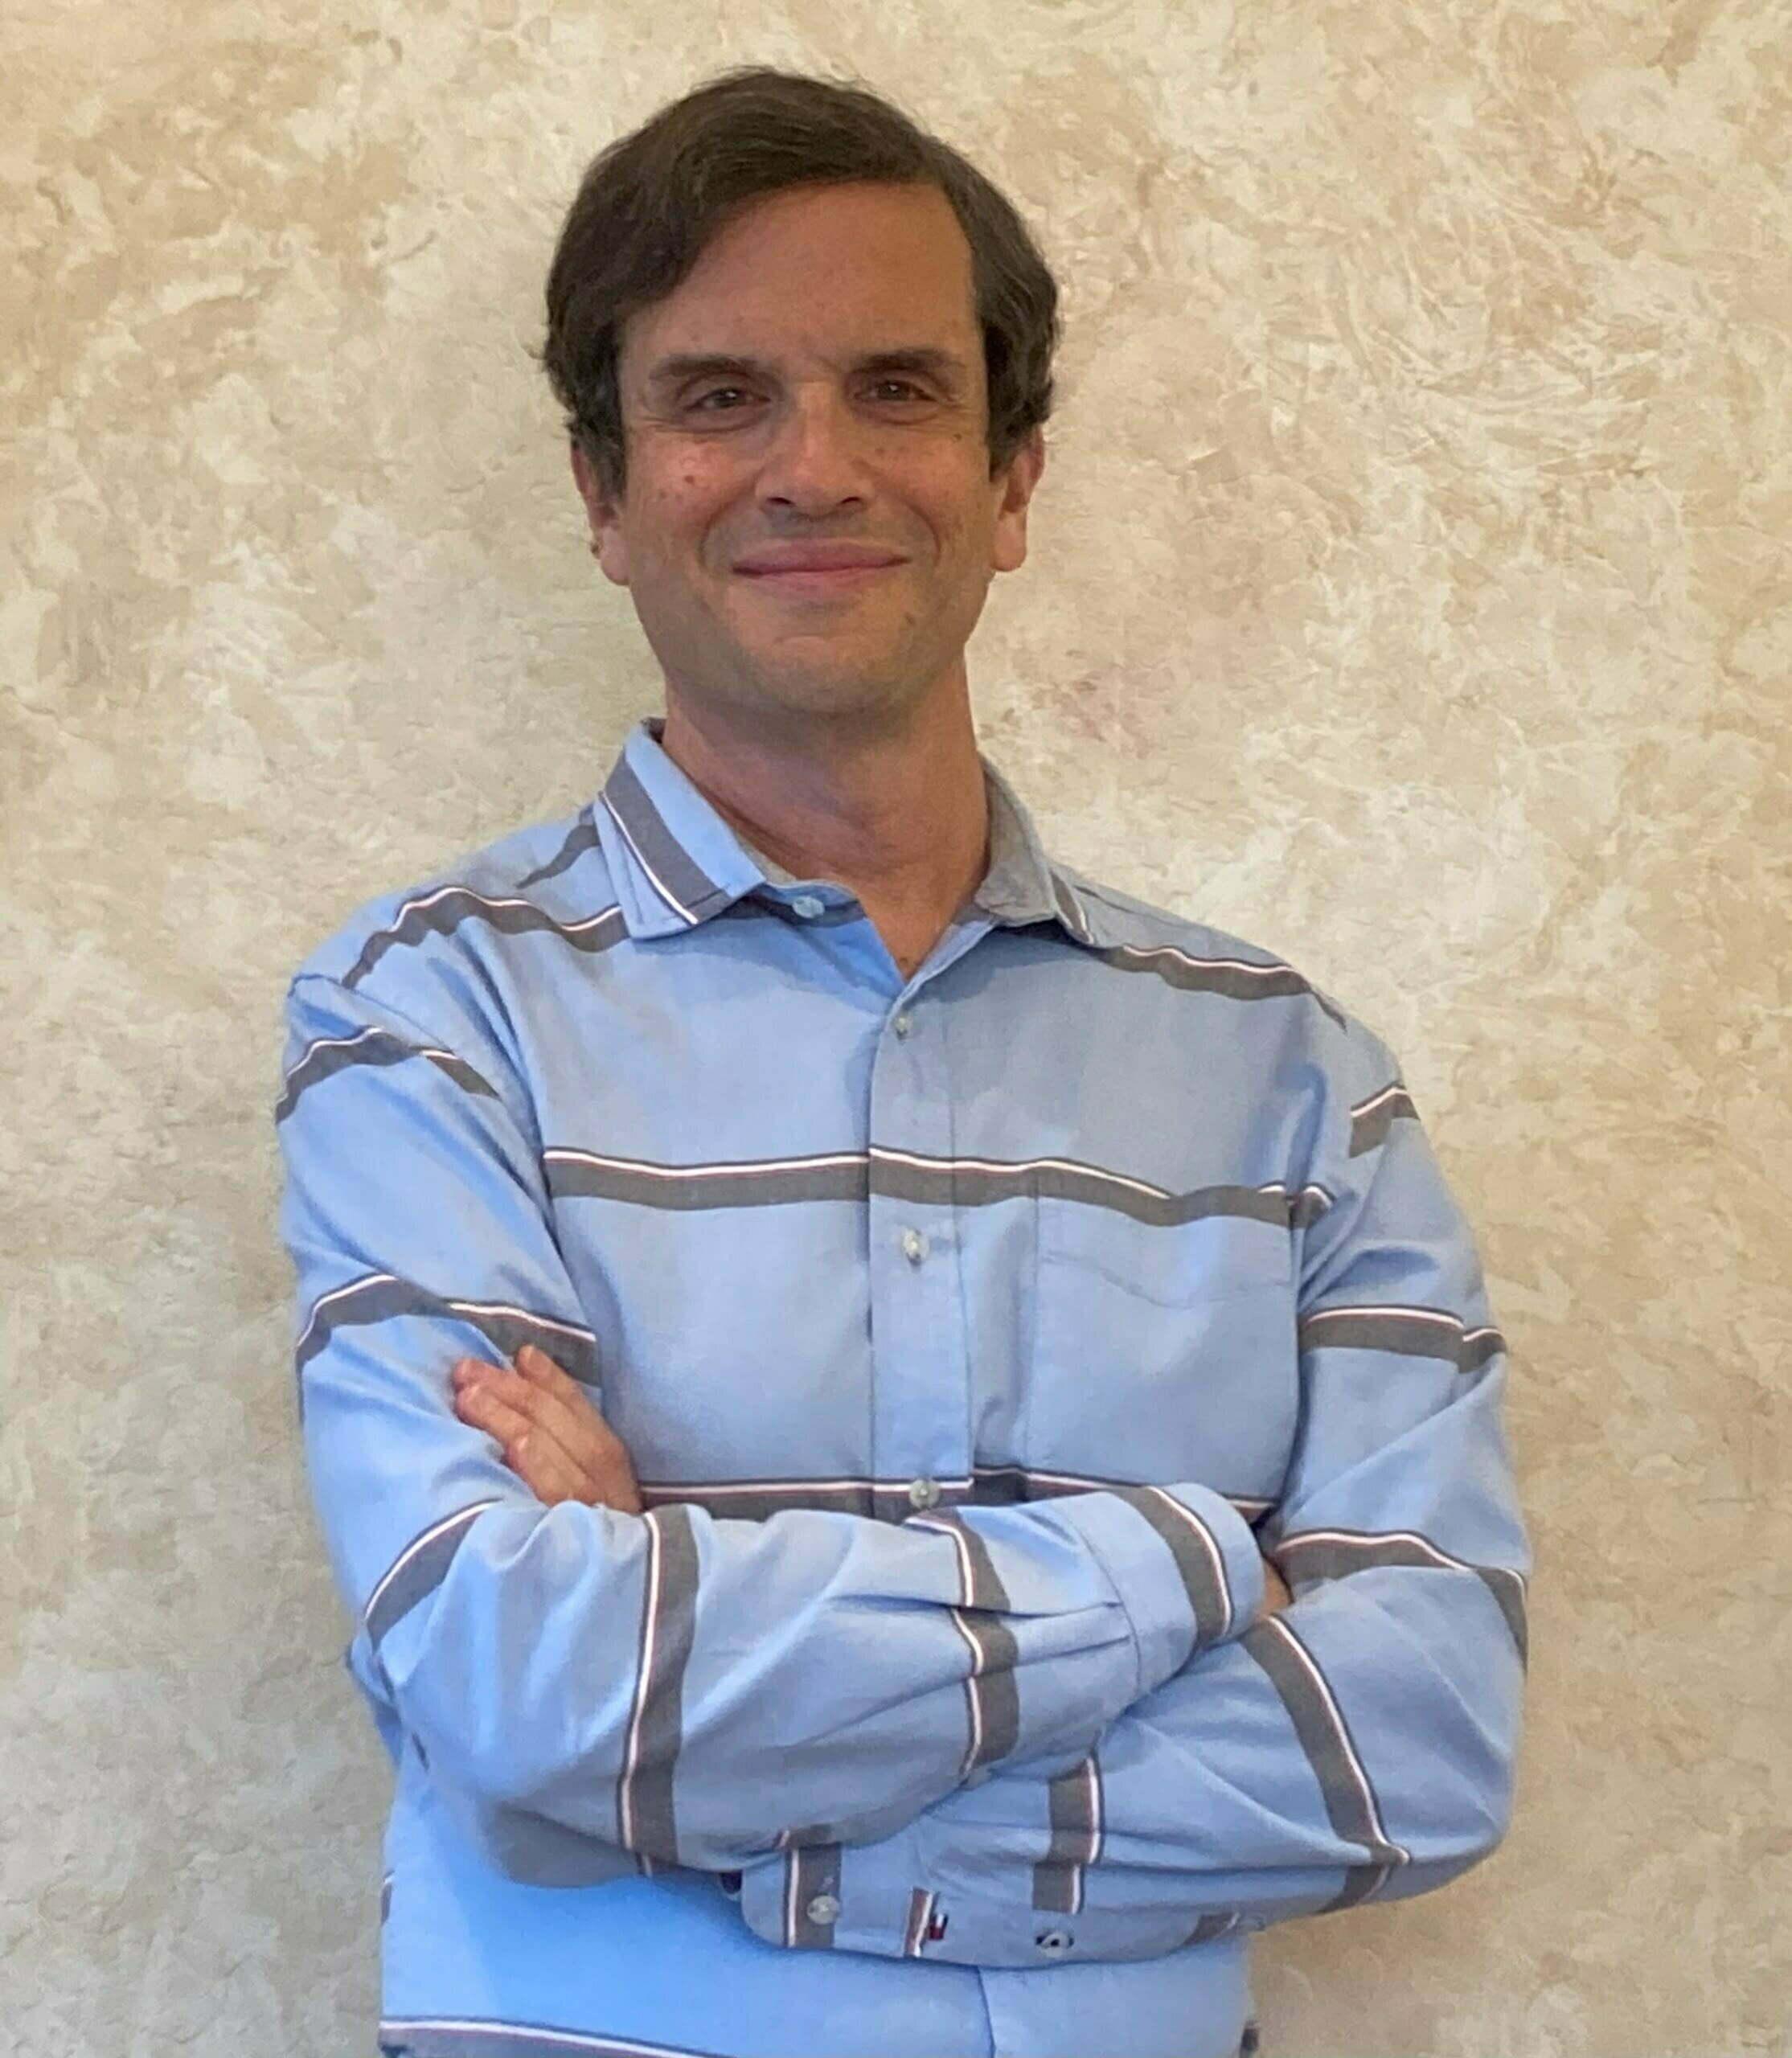 Dan Cohen, NextLeap Ventures